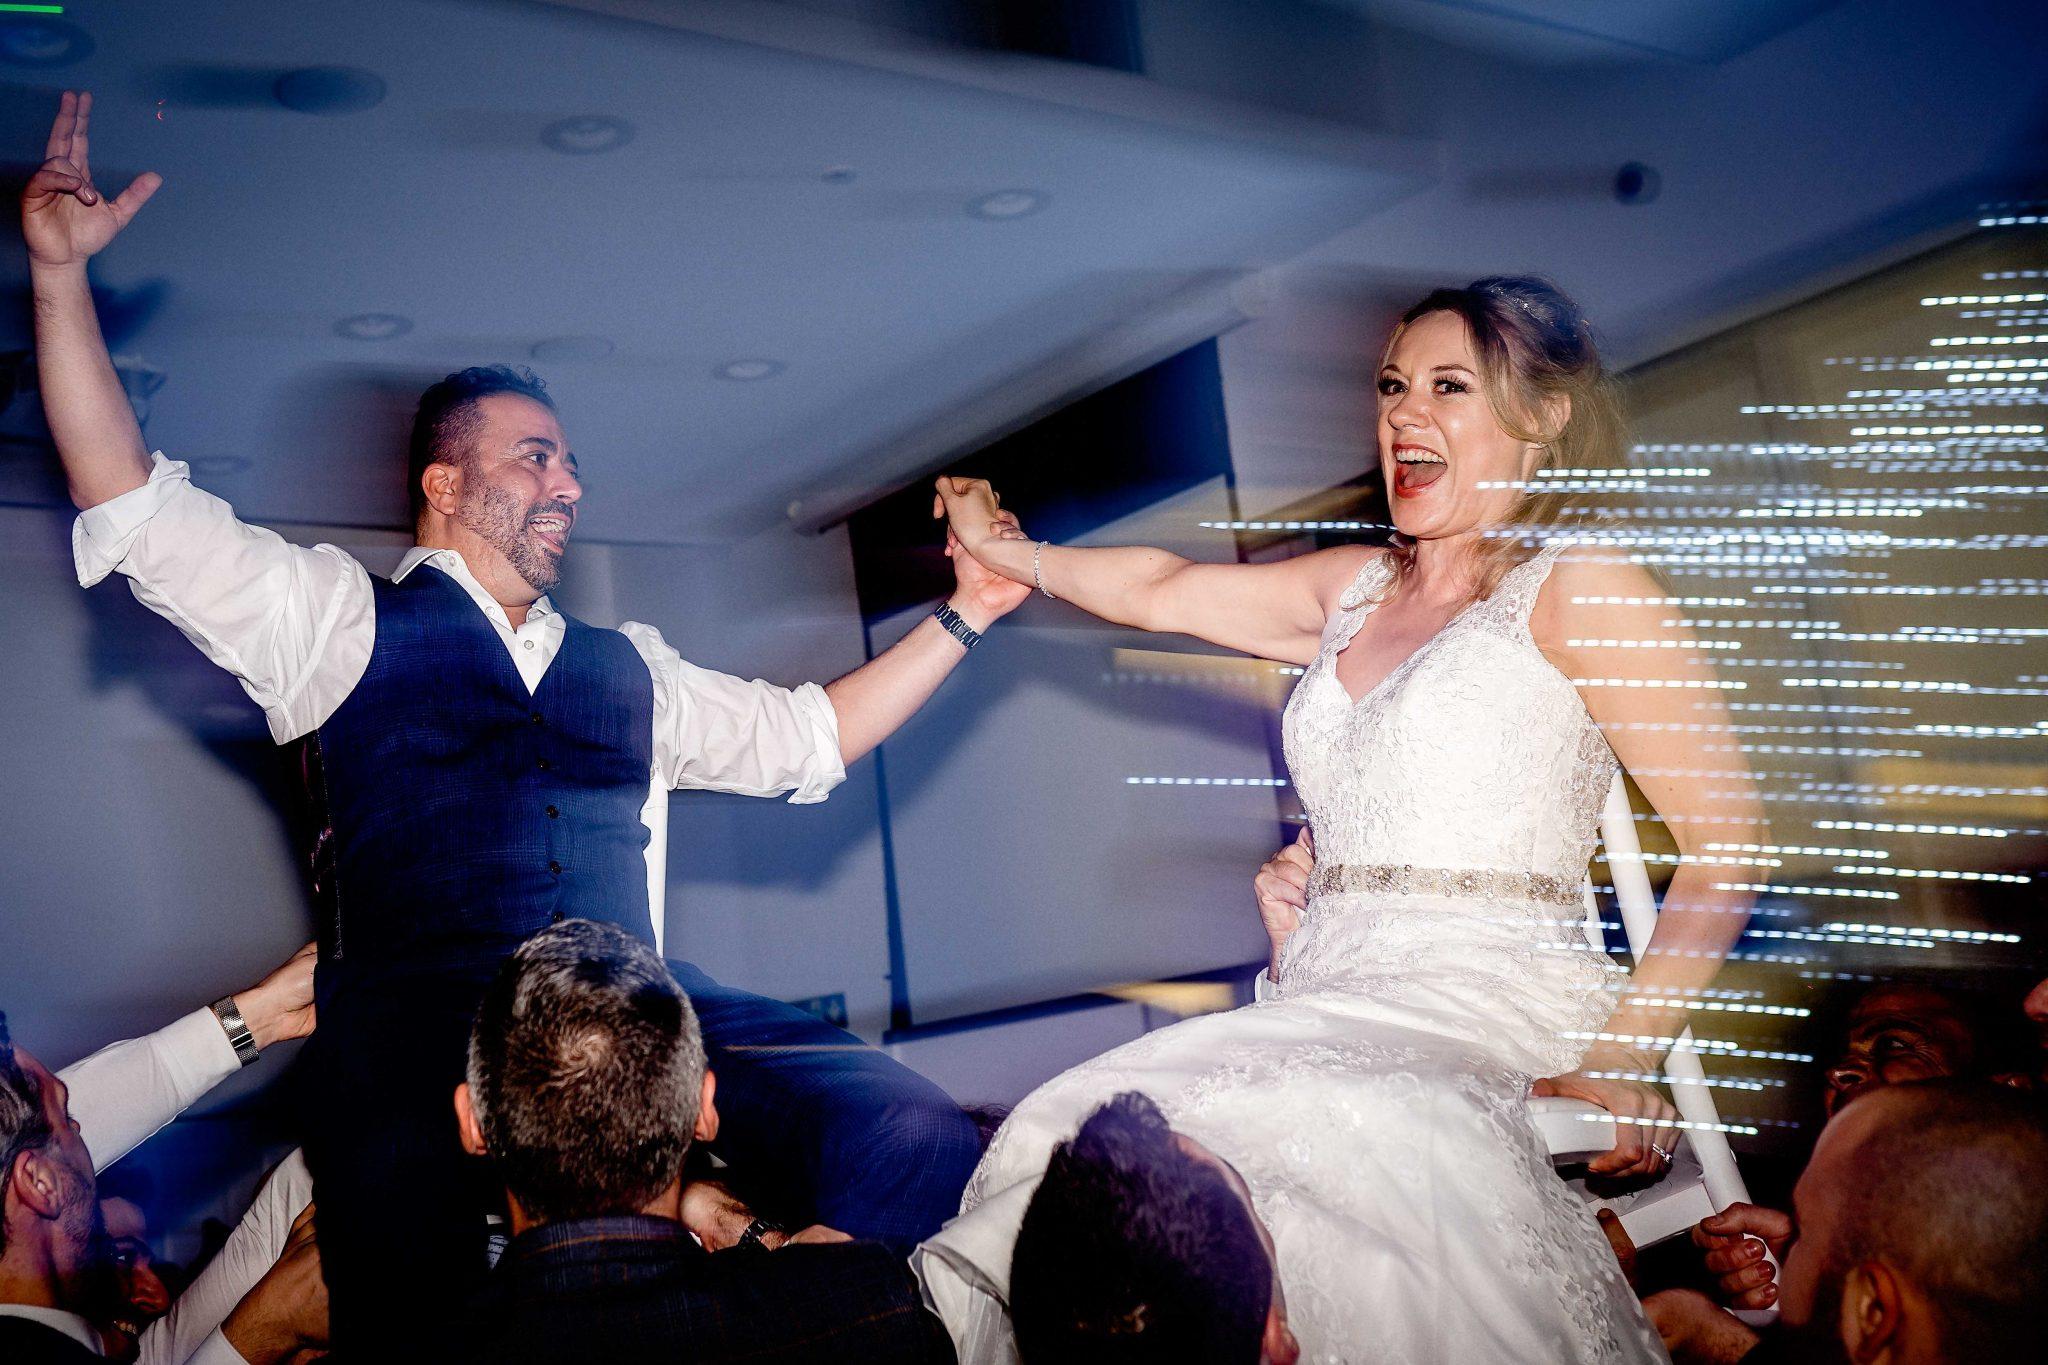 Royal-Liver-building-Wedding-Liverpooluntitled-1004-2-Edit